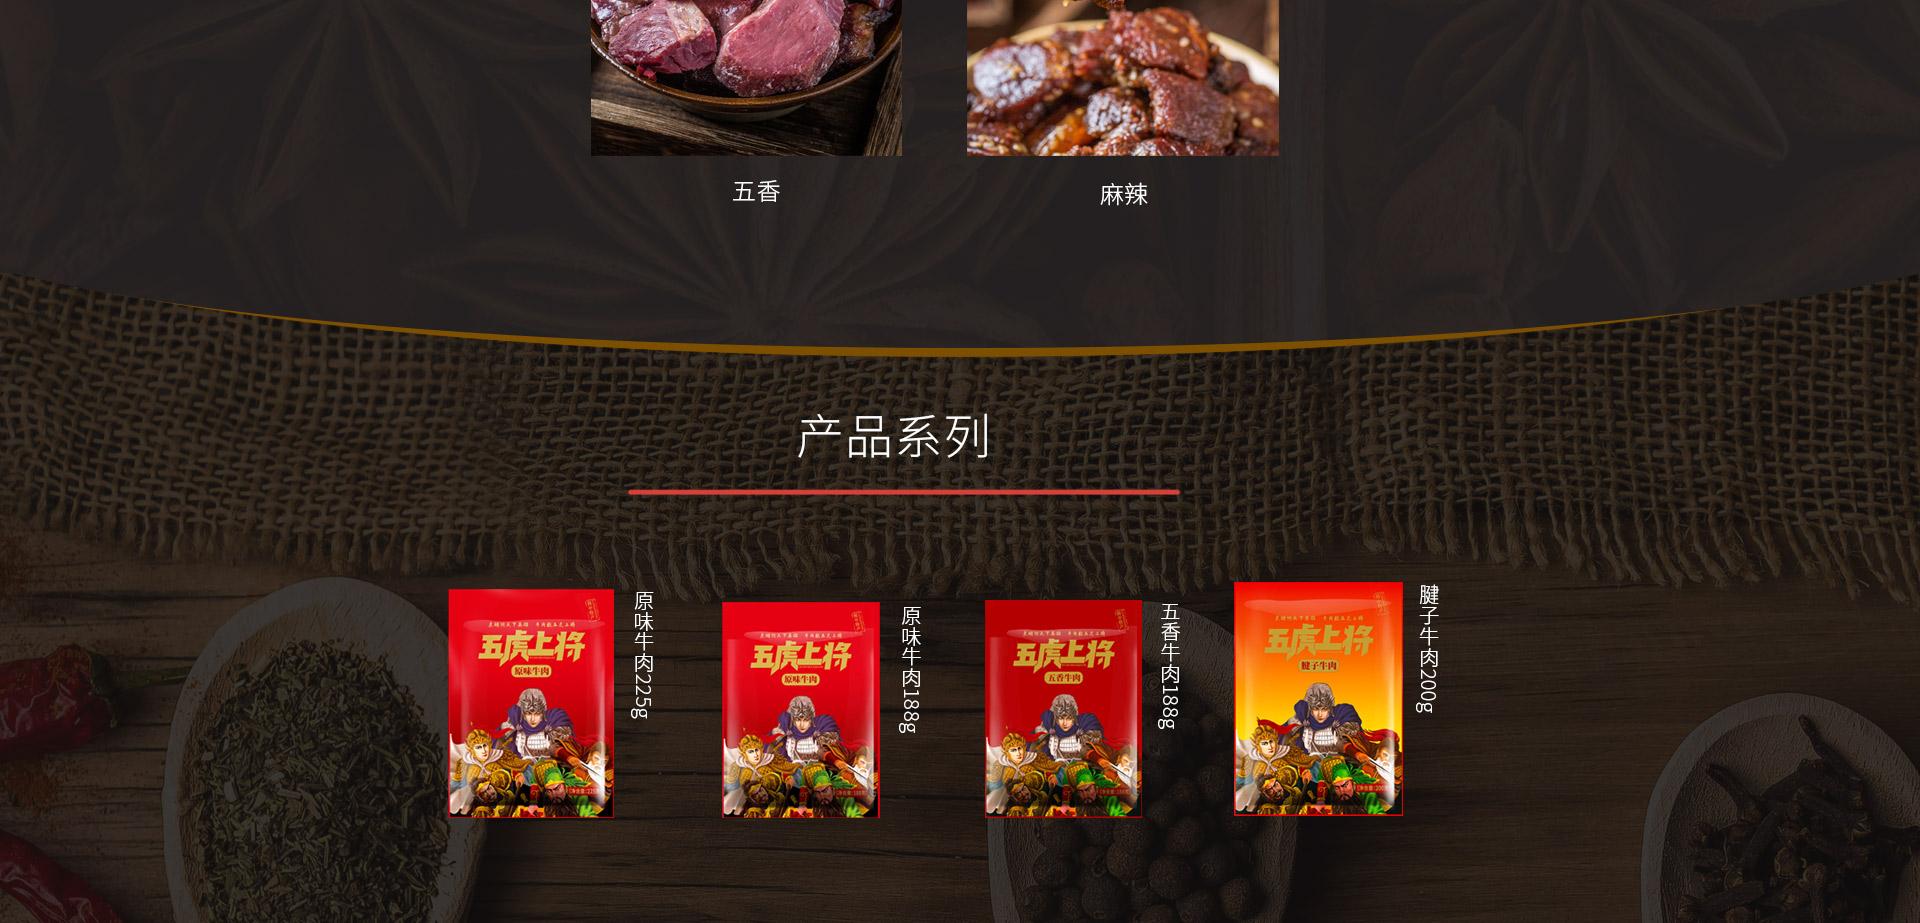 产品-牛肉_04.jpg